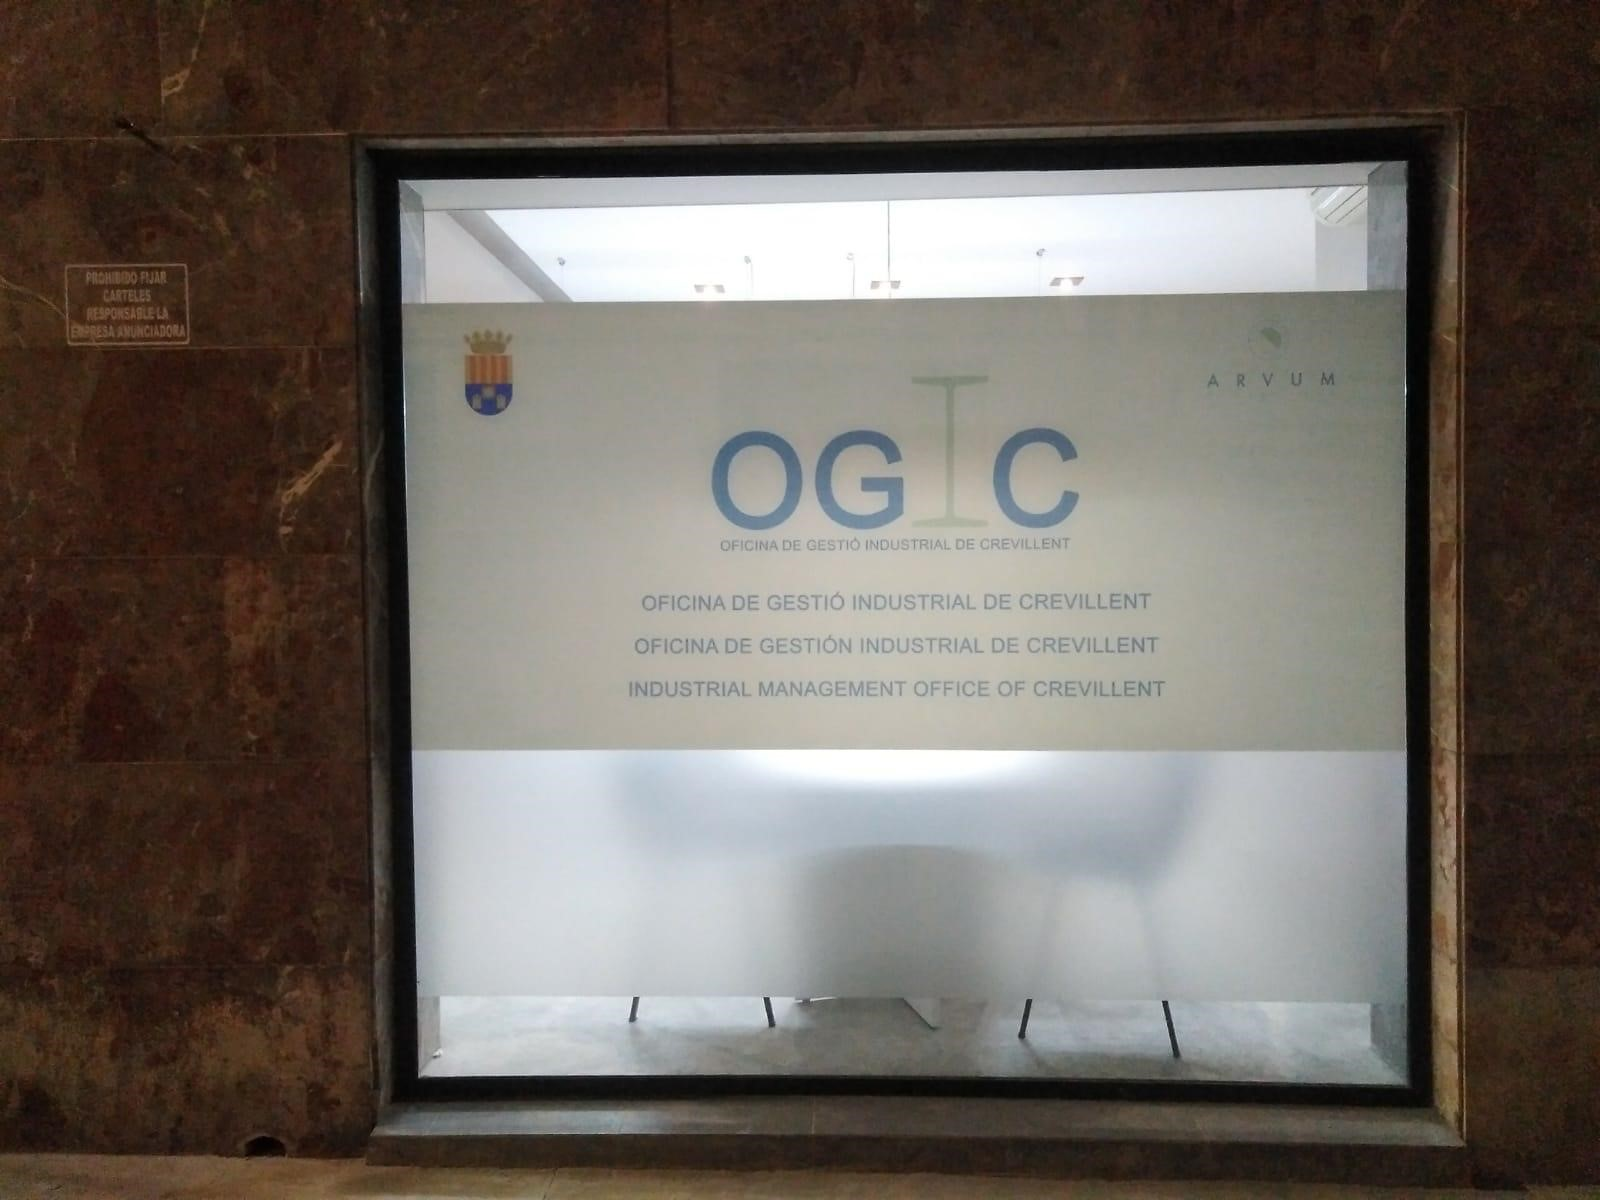 Imagen de la fachada Oficina de Gestion Industrial 1